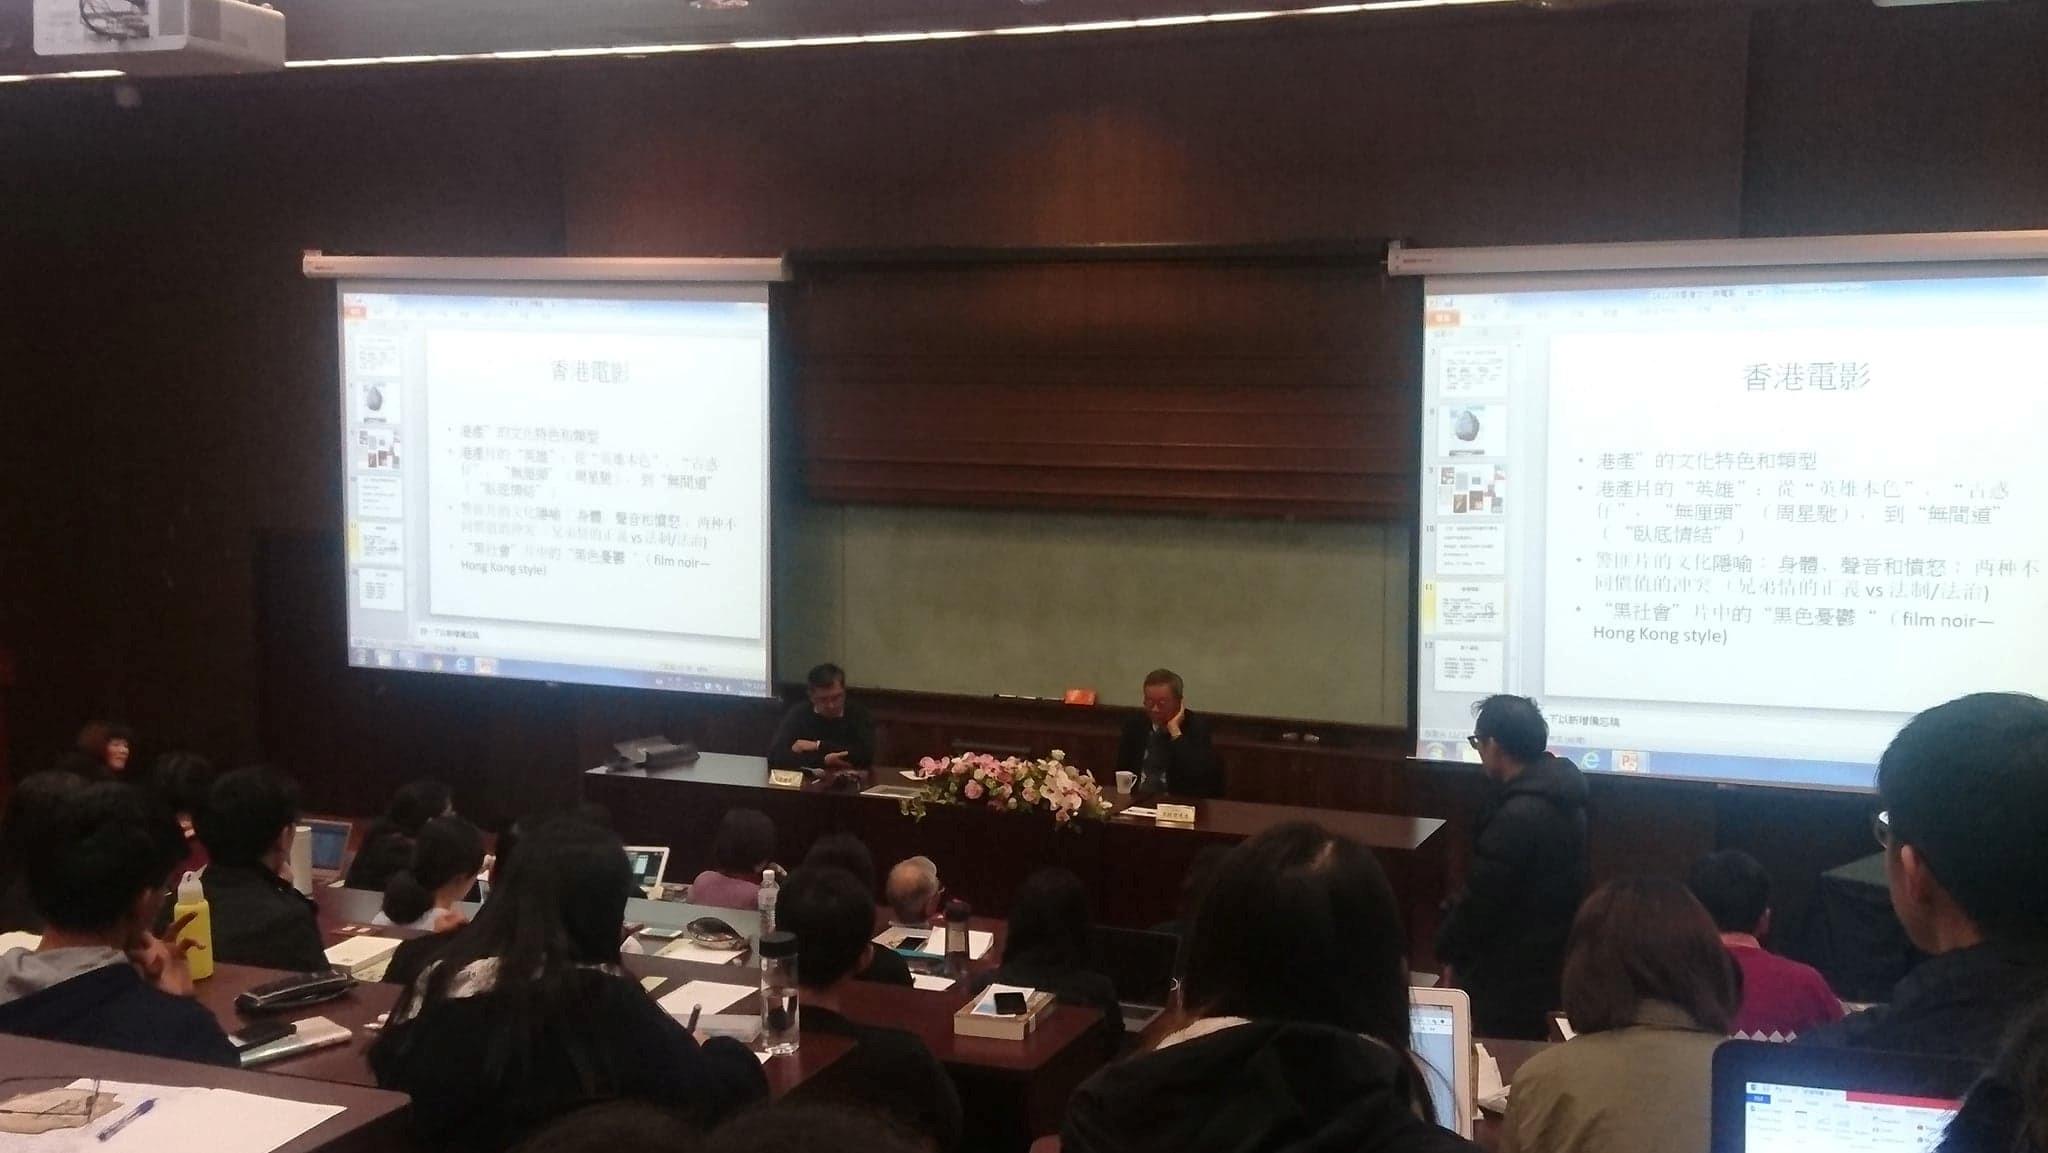 李歐梵教授演講「香港文化與香港電影」紀要